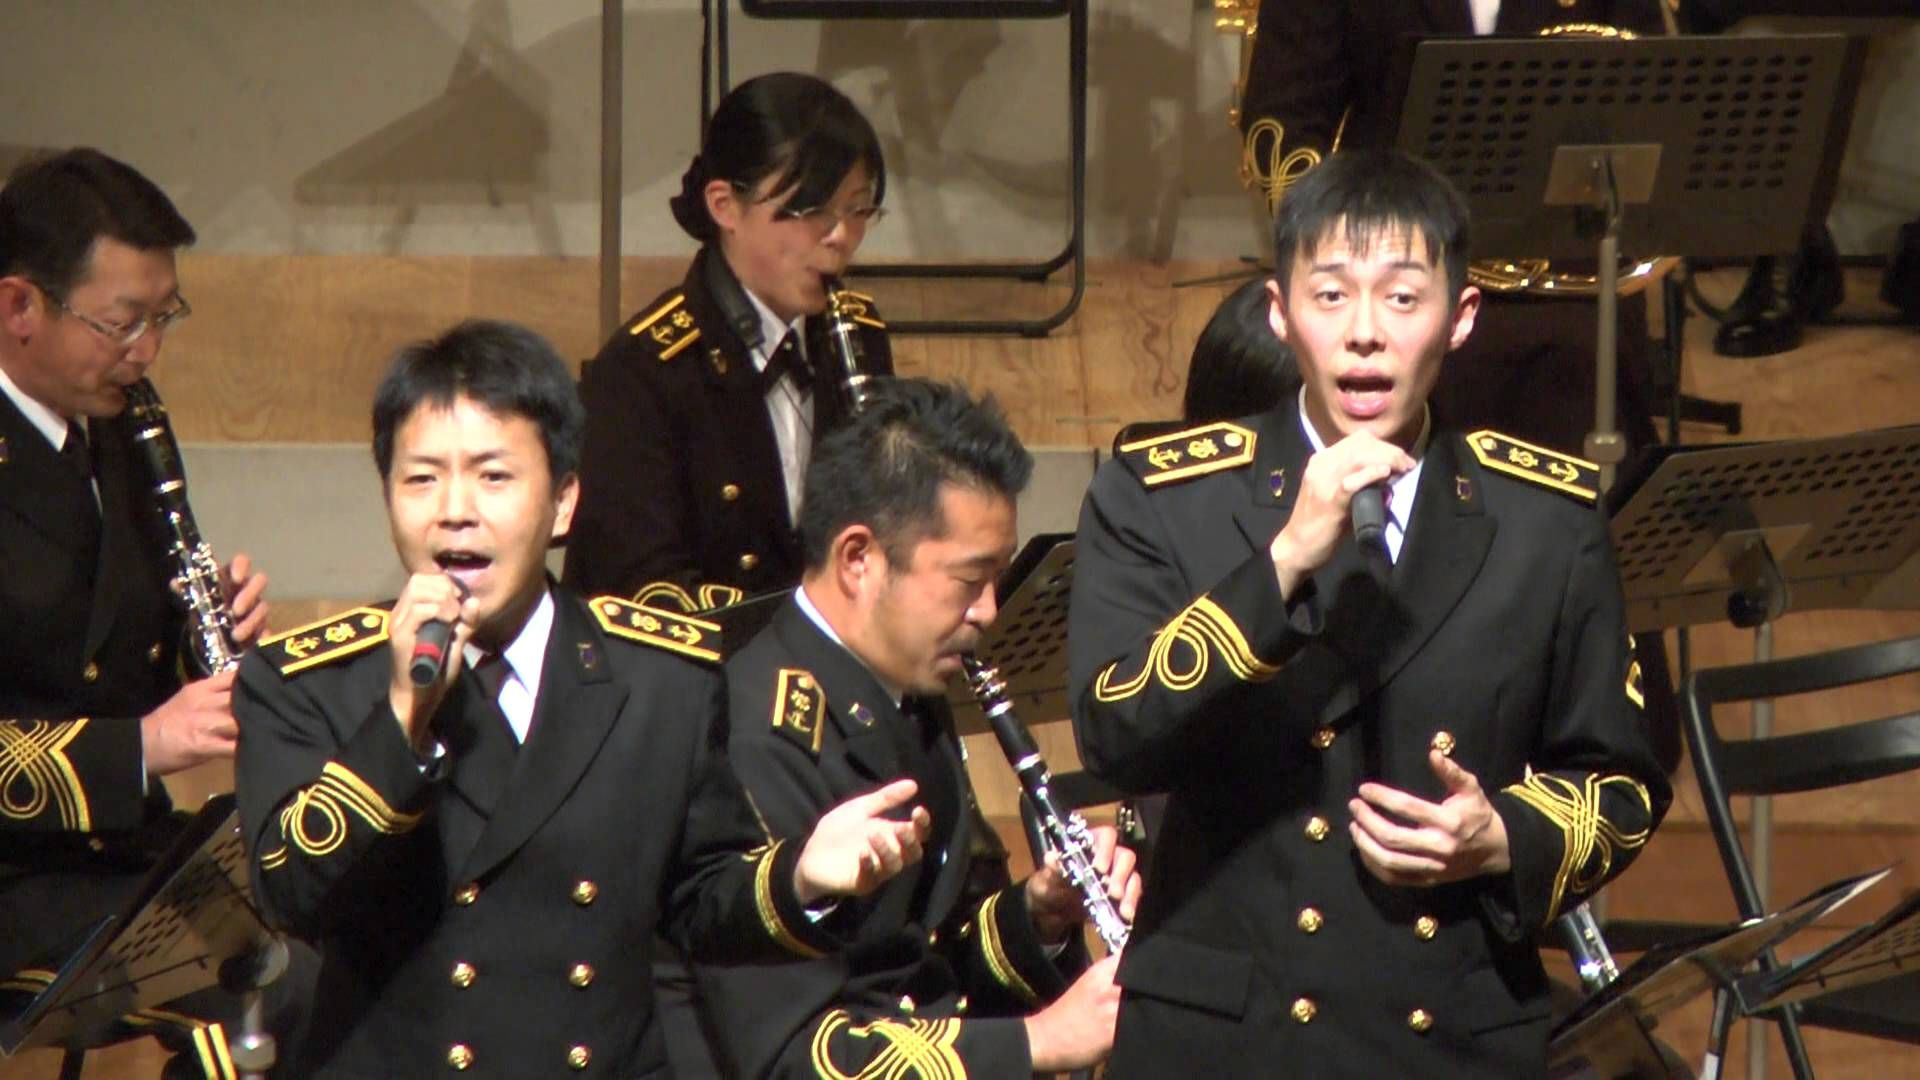 字幕入り ゆず 栄光の架橋 海上自衛隊 横須賀音楽隊 海上自衛隊 字幕 音楽隊